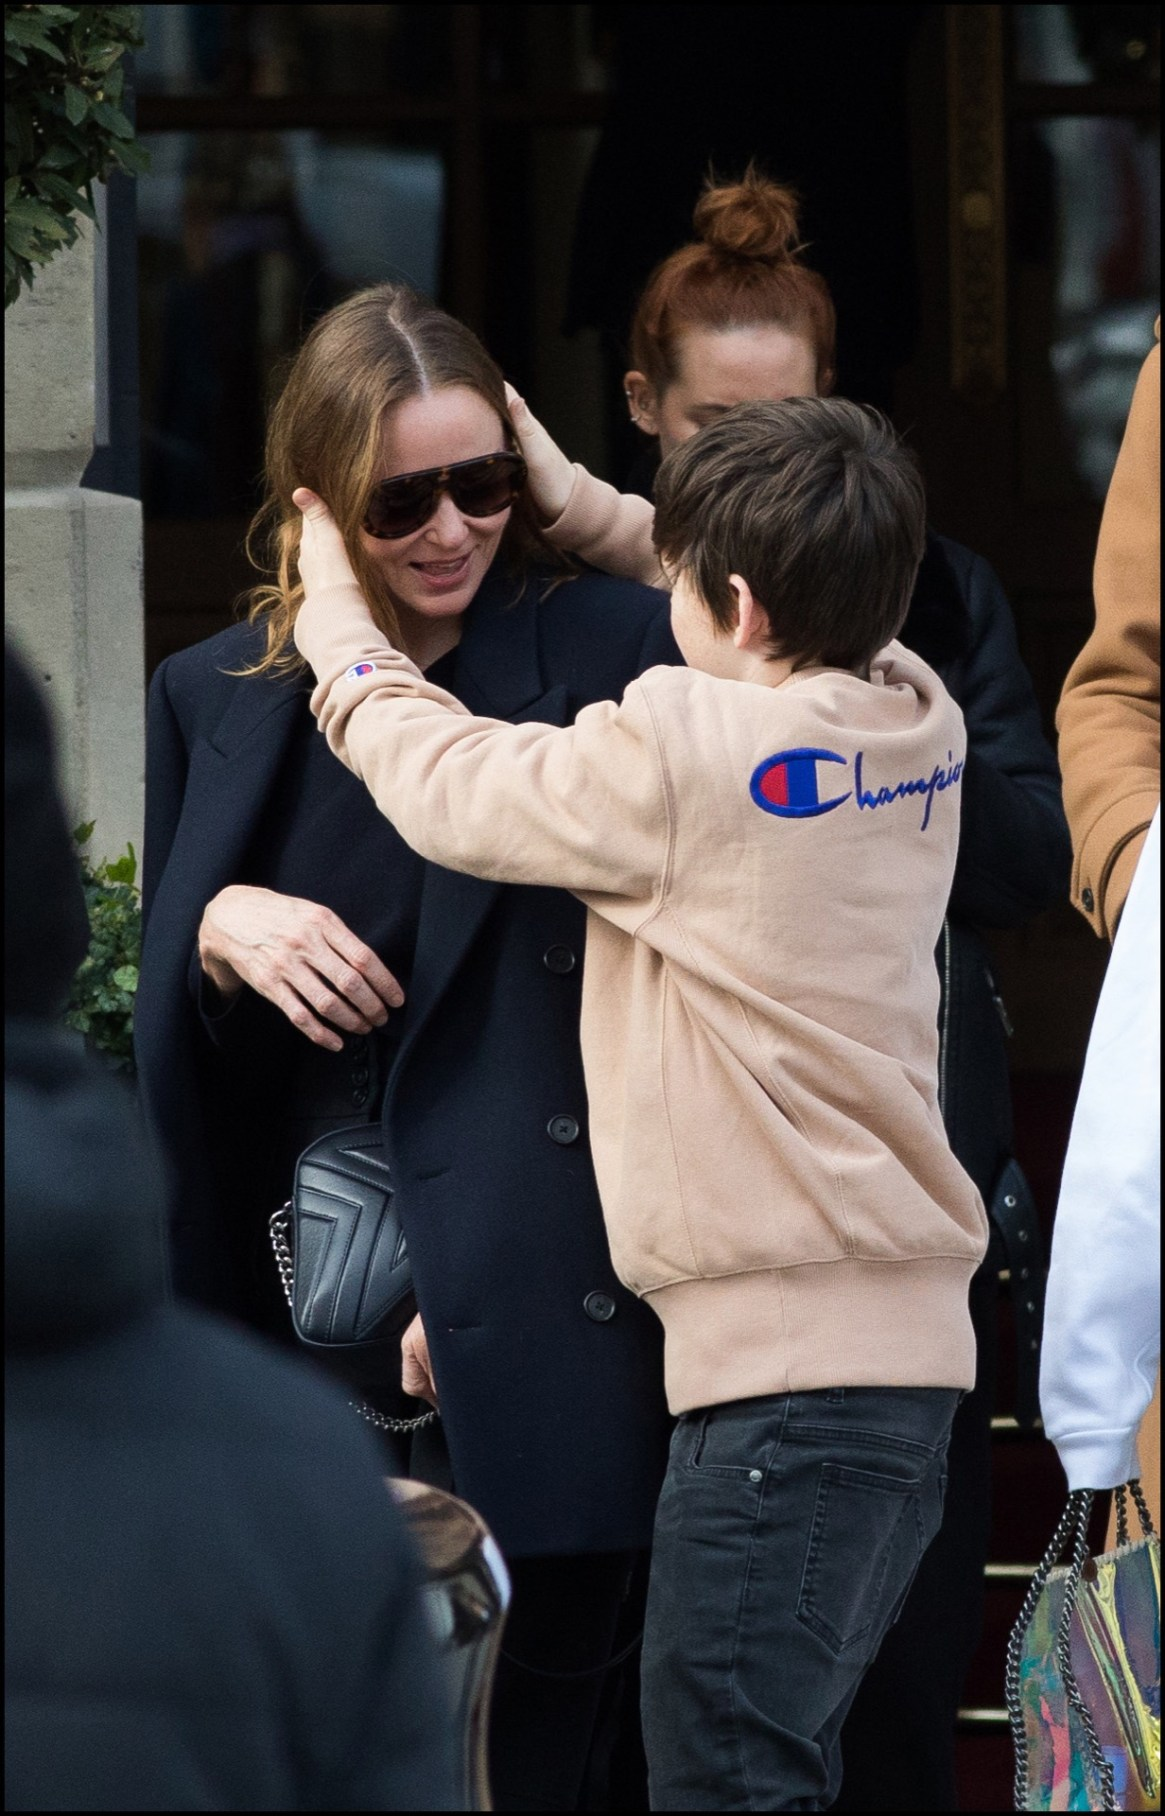 Uno de sus hijos abraza a Stella en la puerta del hotel Ritz.